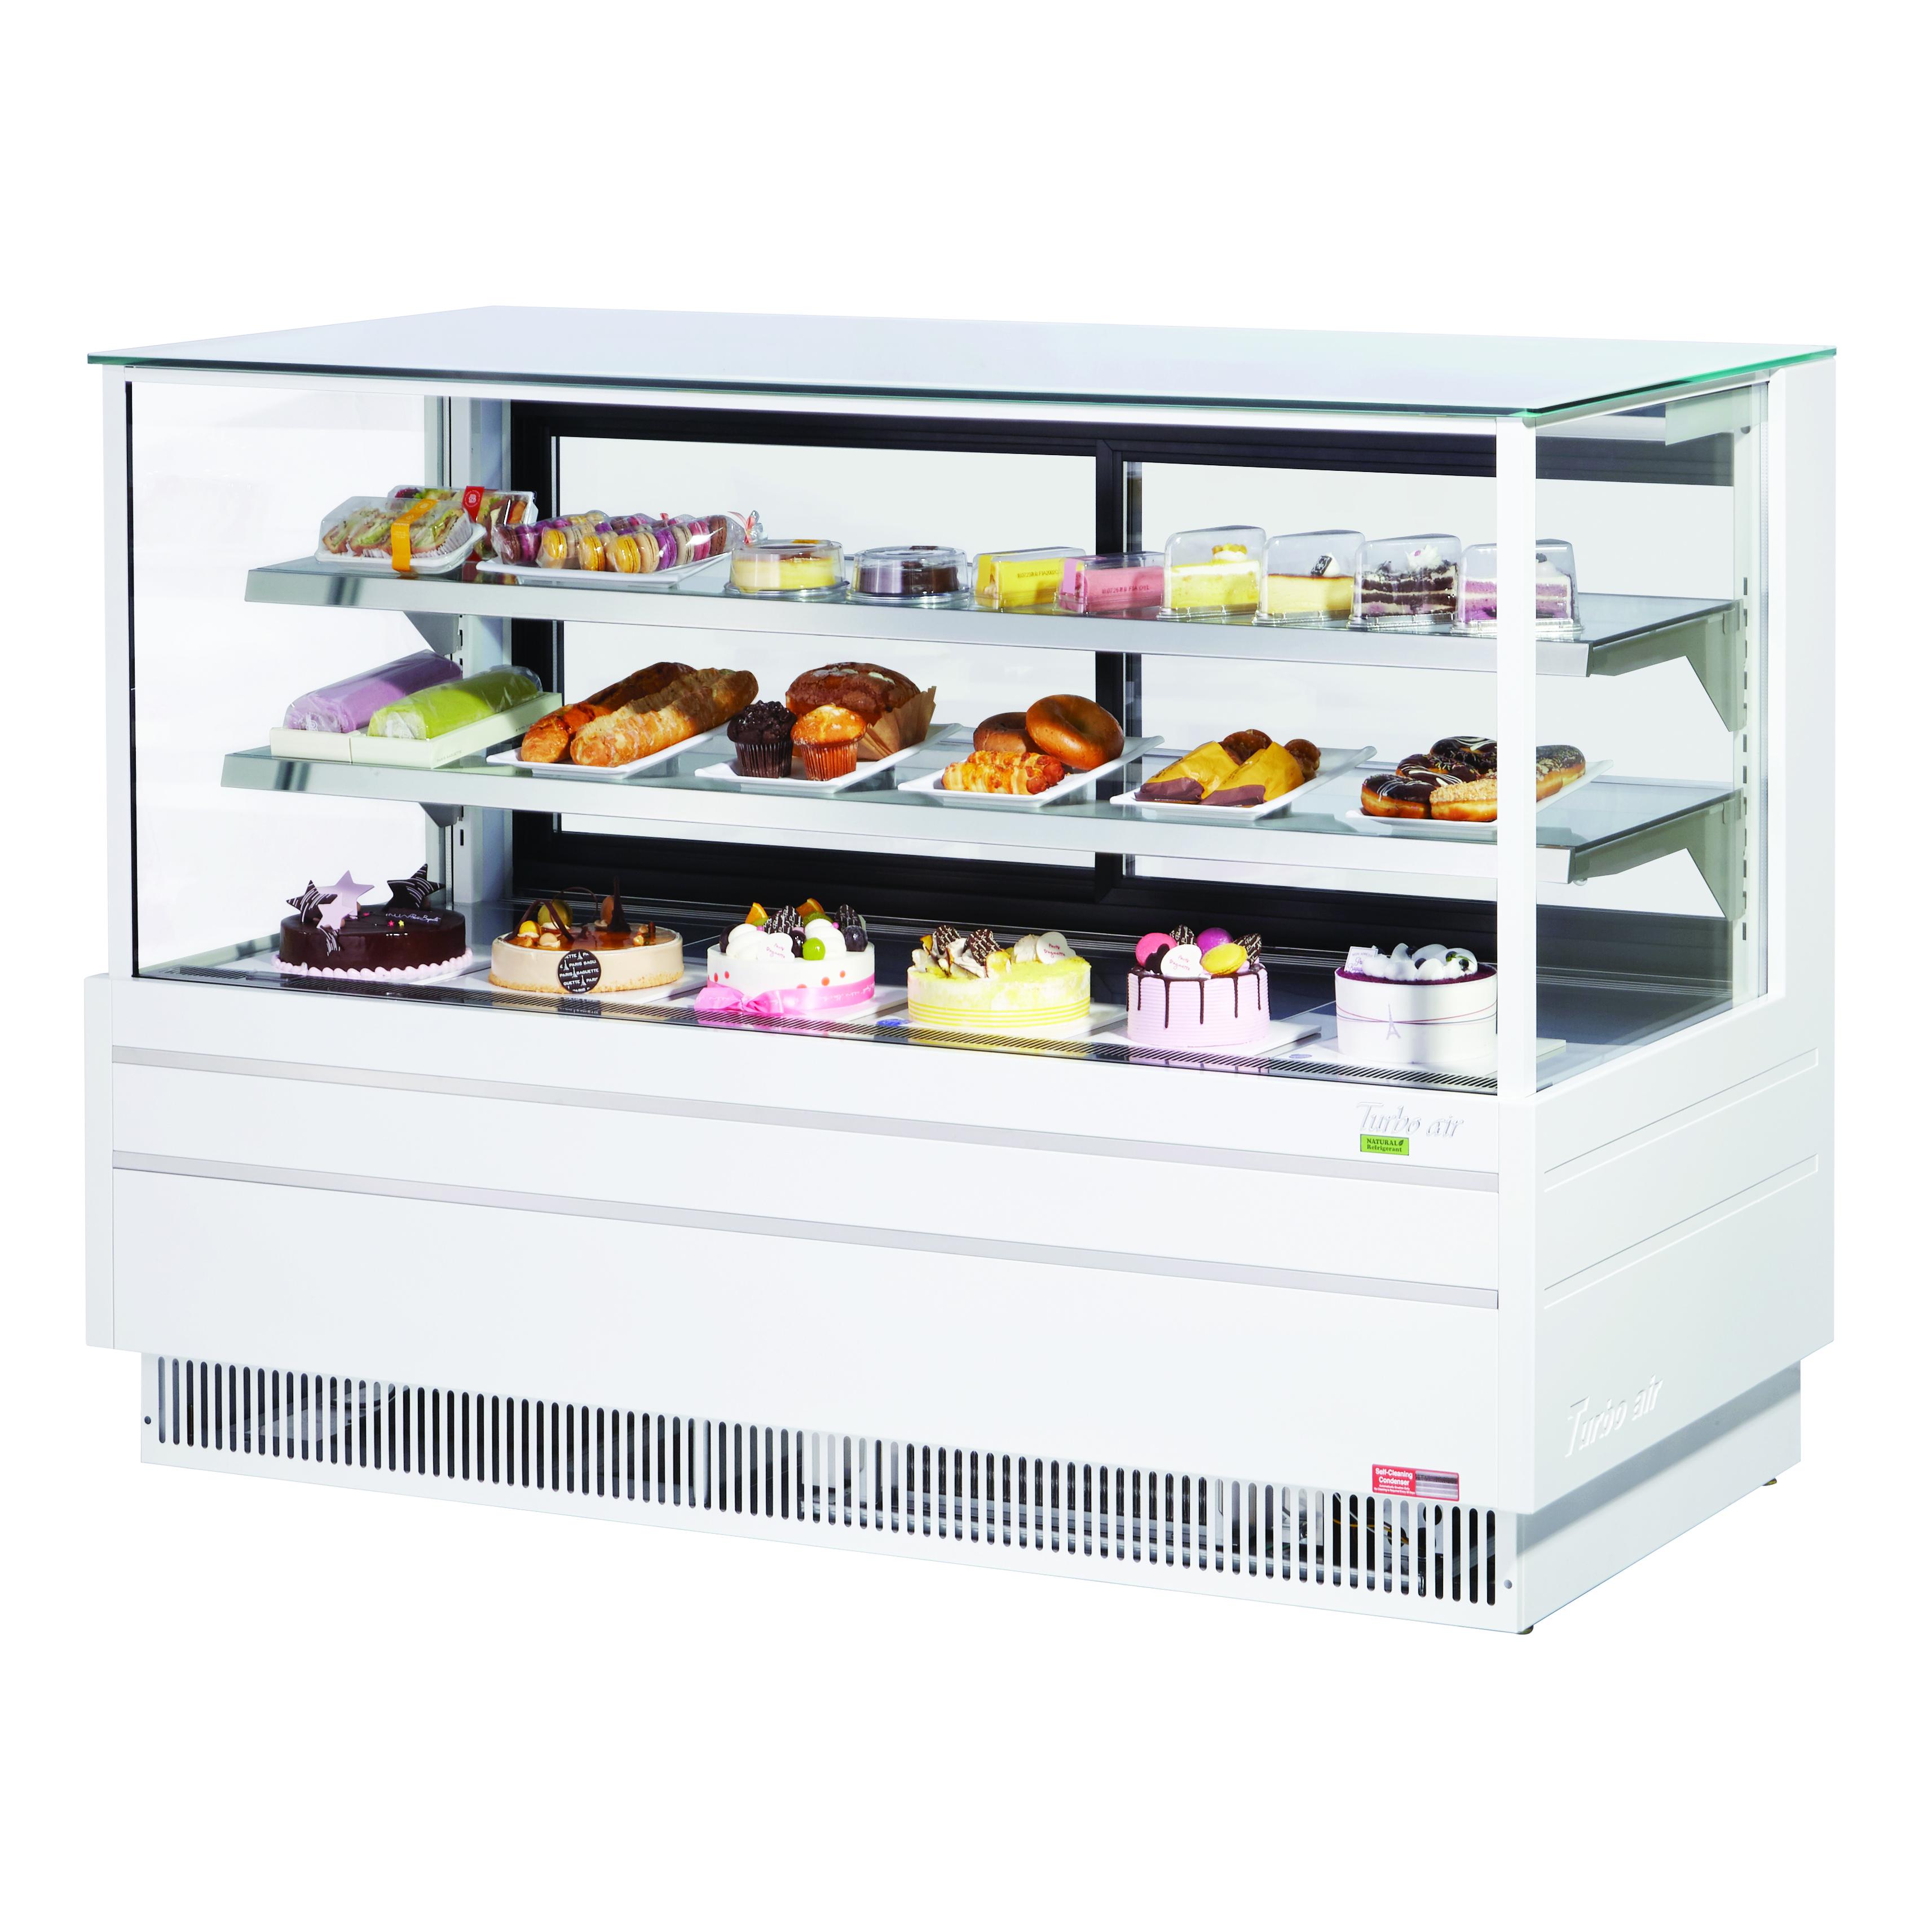 Turbo Air TCGB-72UF-W(B)-N display case, refrigerated